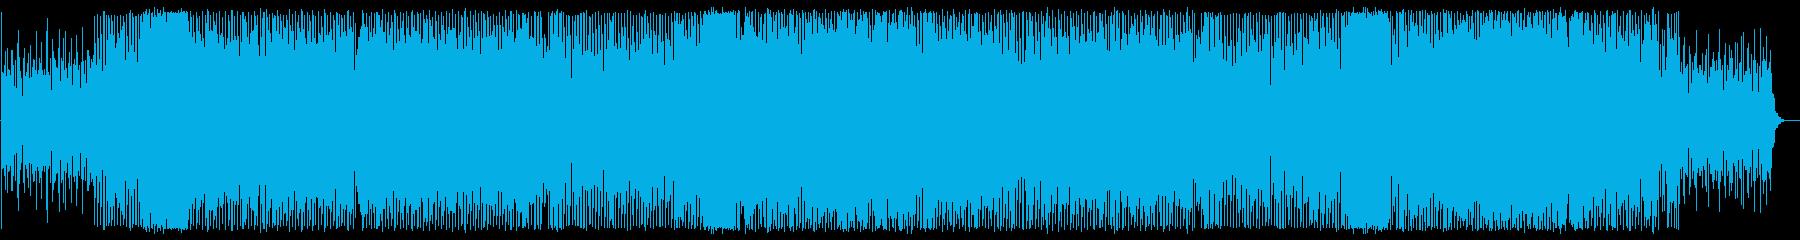 元気いっぱいな行進ソングの再生済みの波形